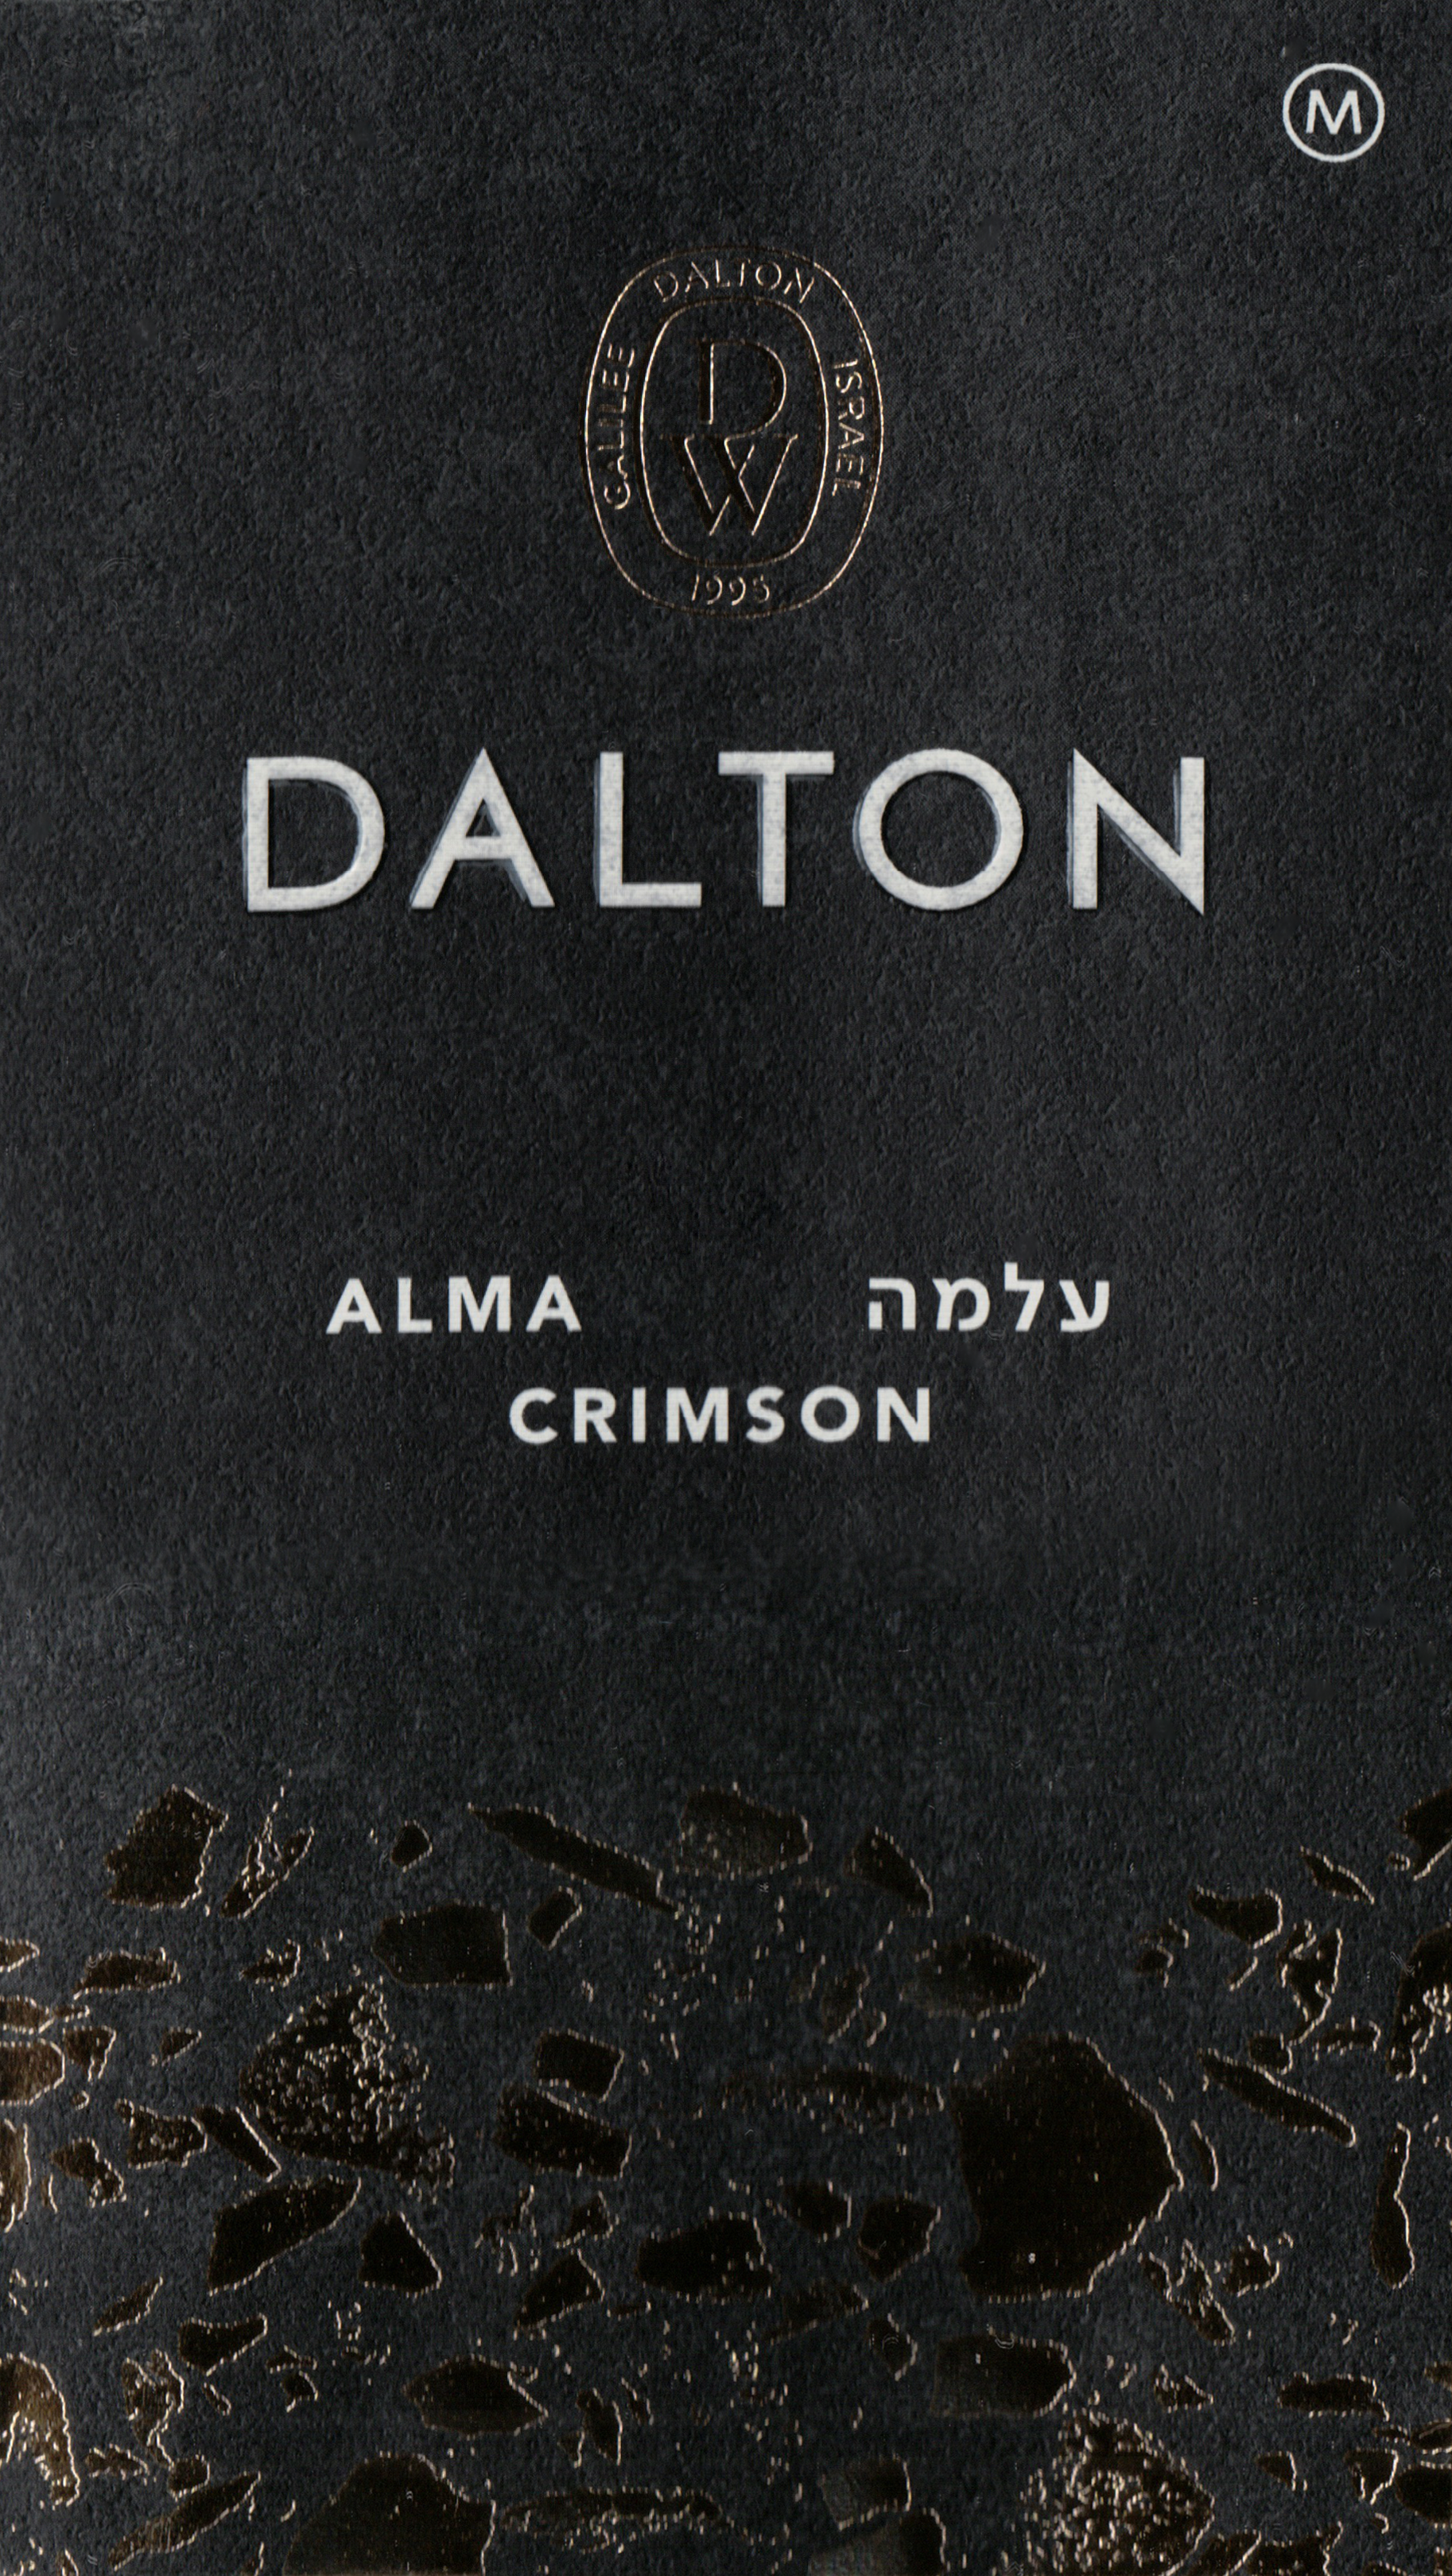 Dalton Alma Crimson Red (U)P 2017